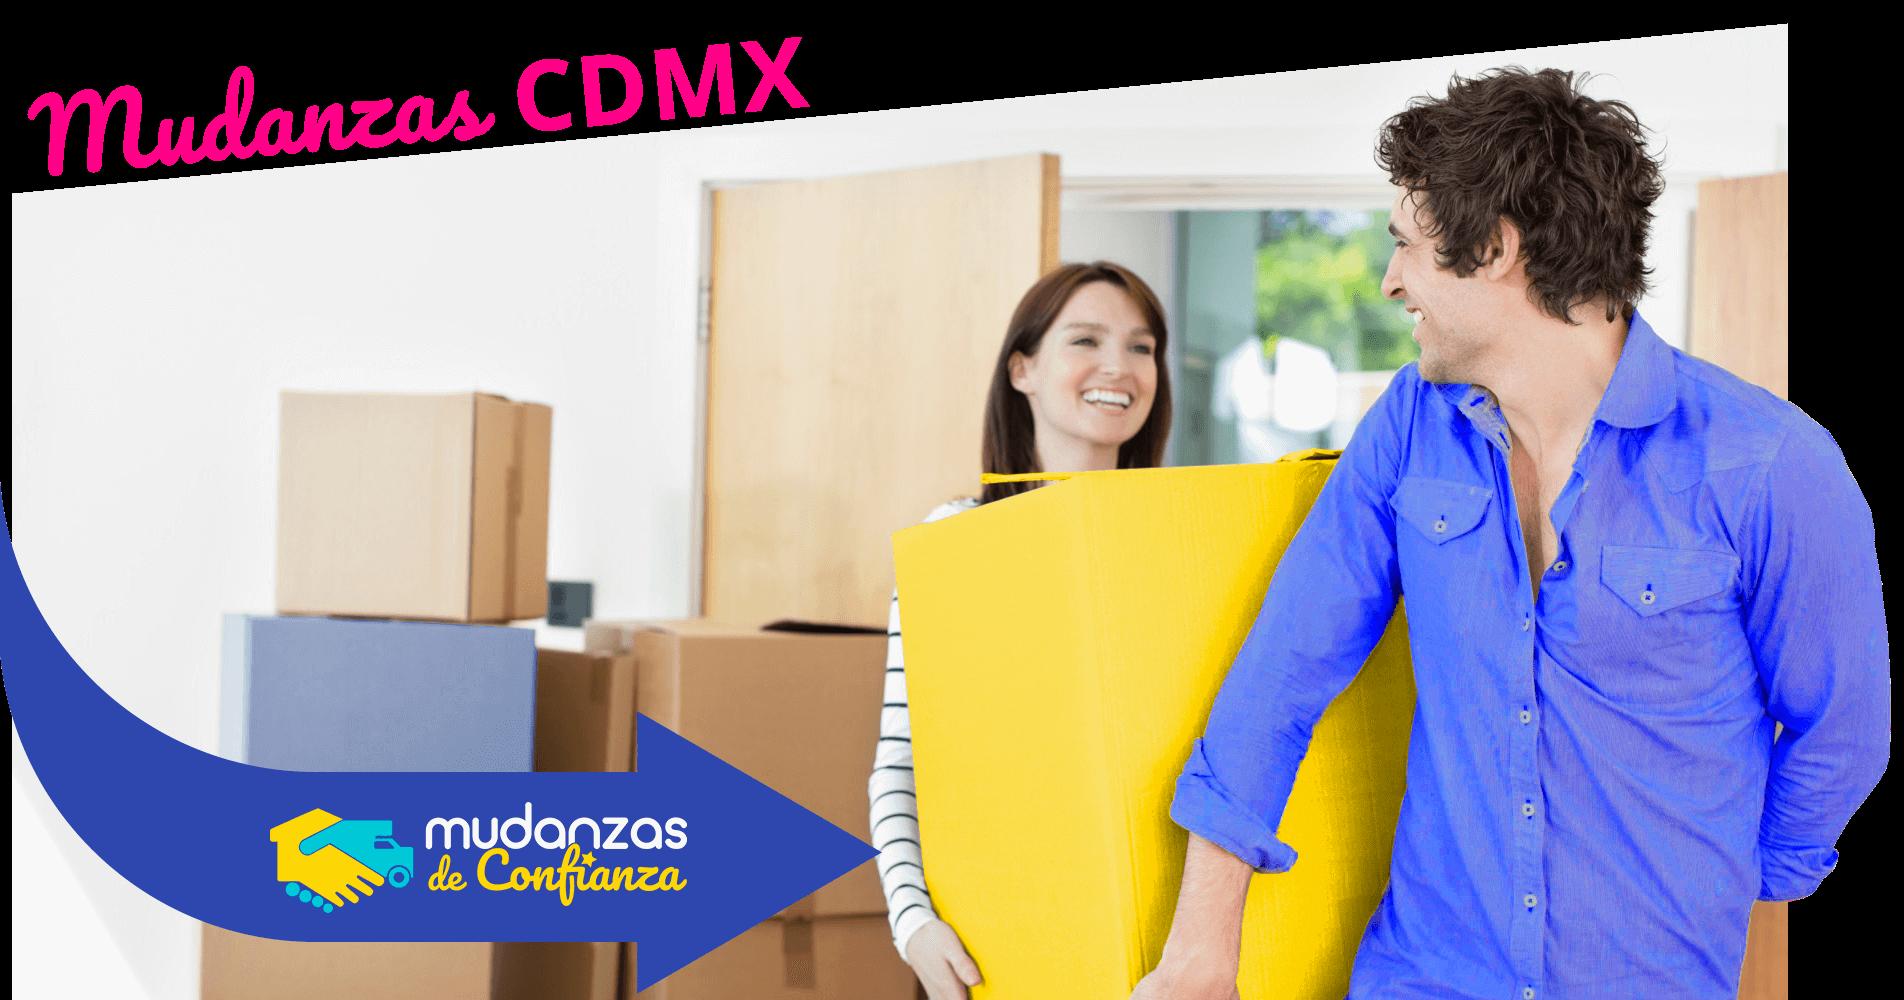 Mudanzas CDMX